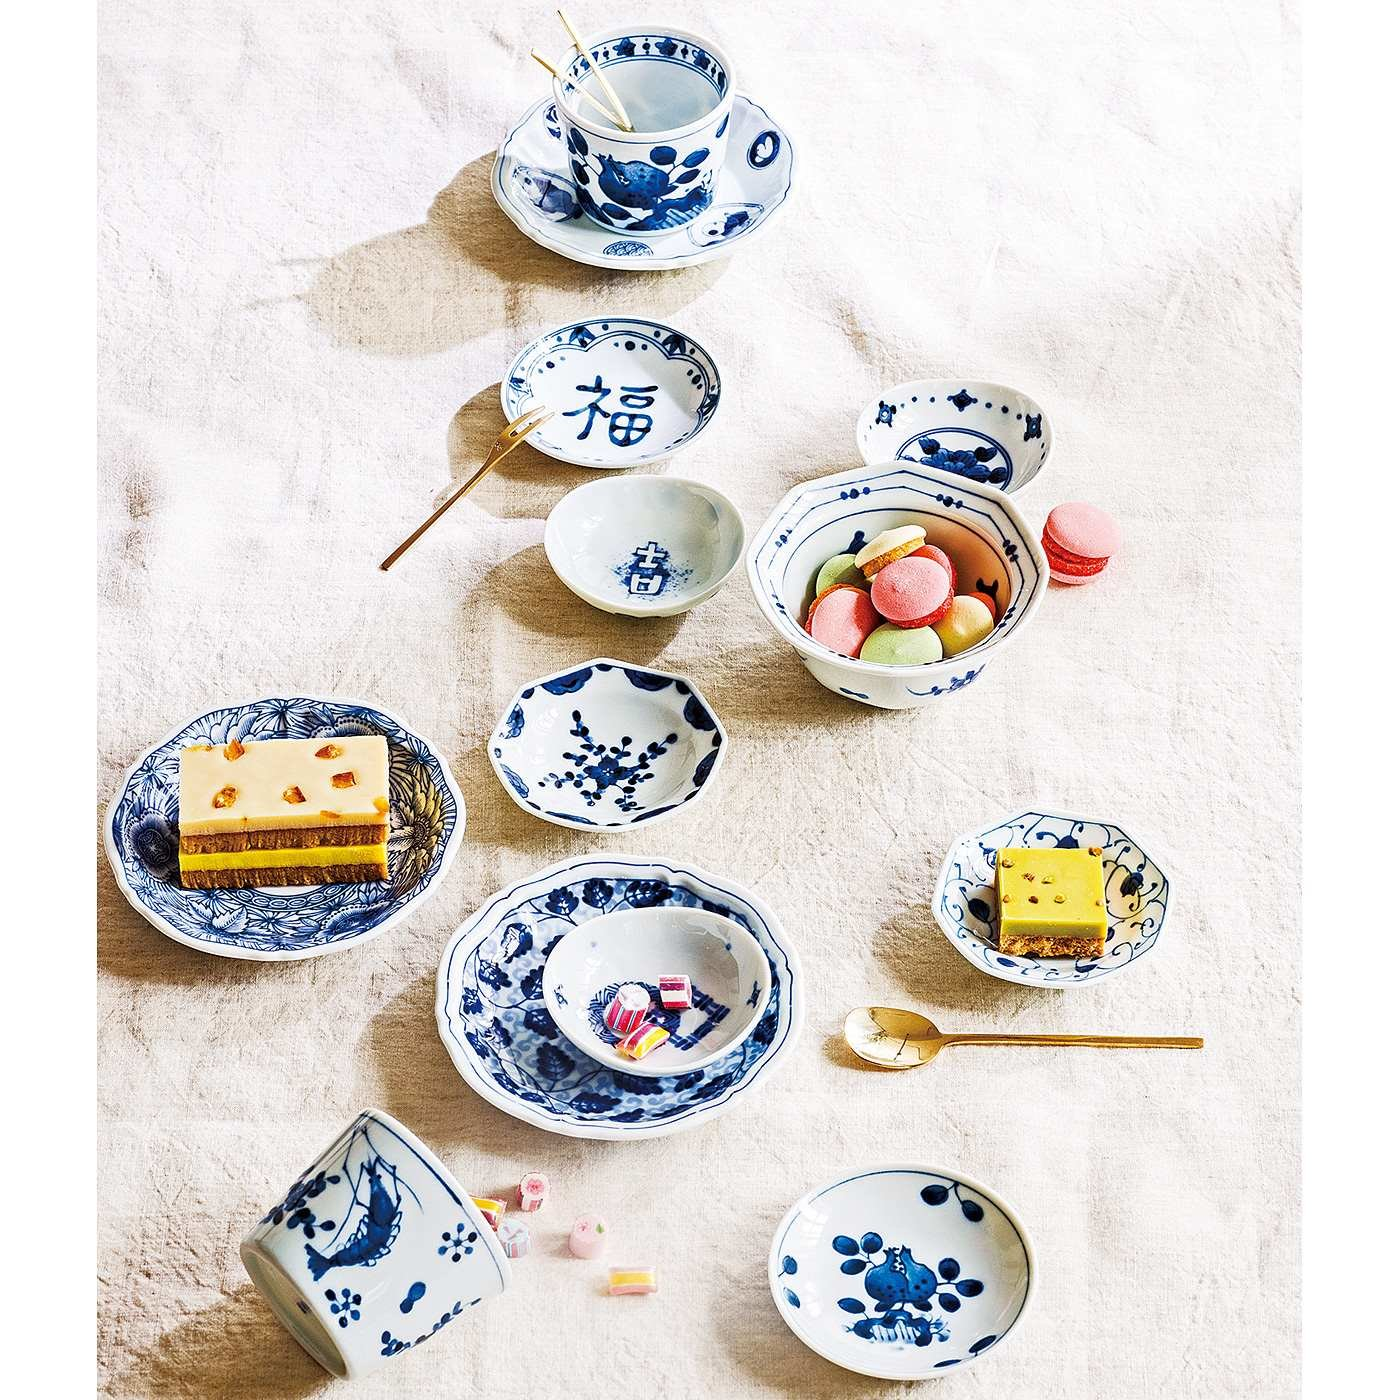 藍凛堂(あいりんどう) ちっちゃかわいい そばちょくと小皿の3点セットの会(5回予約)